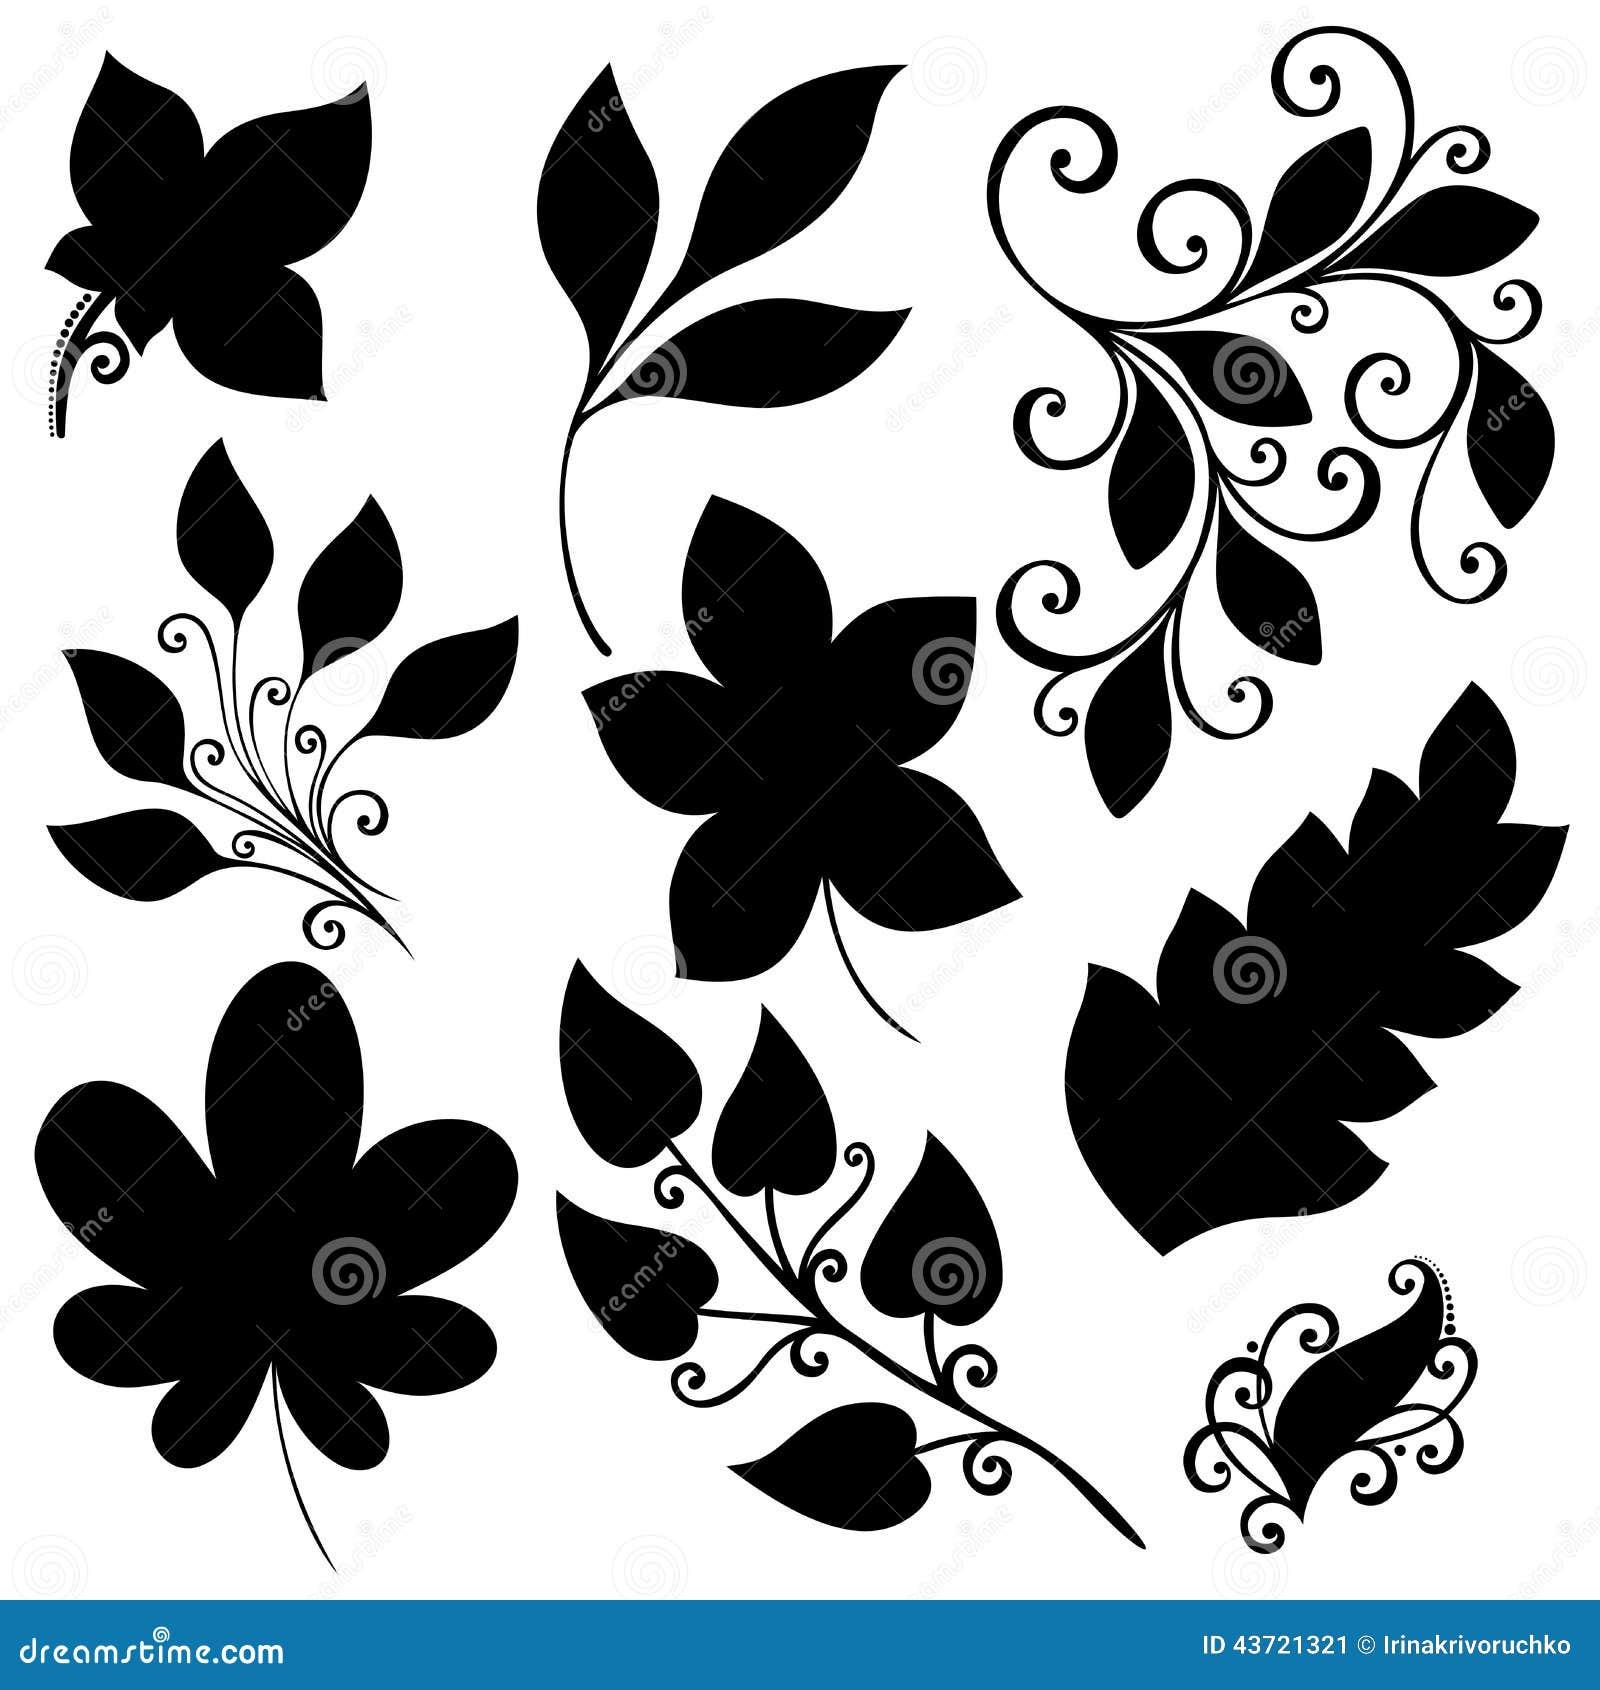 Sistema del vector de hojas plantillas aisladas - Plantillas de dibujos para paredes ...